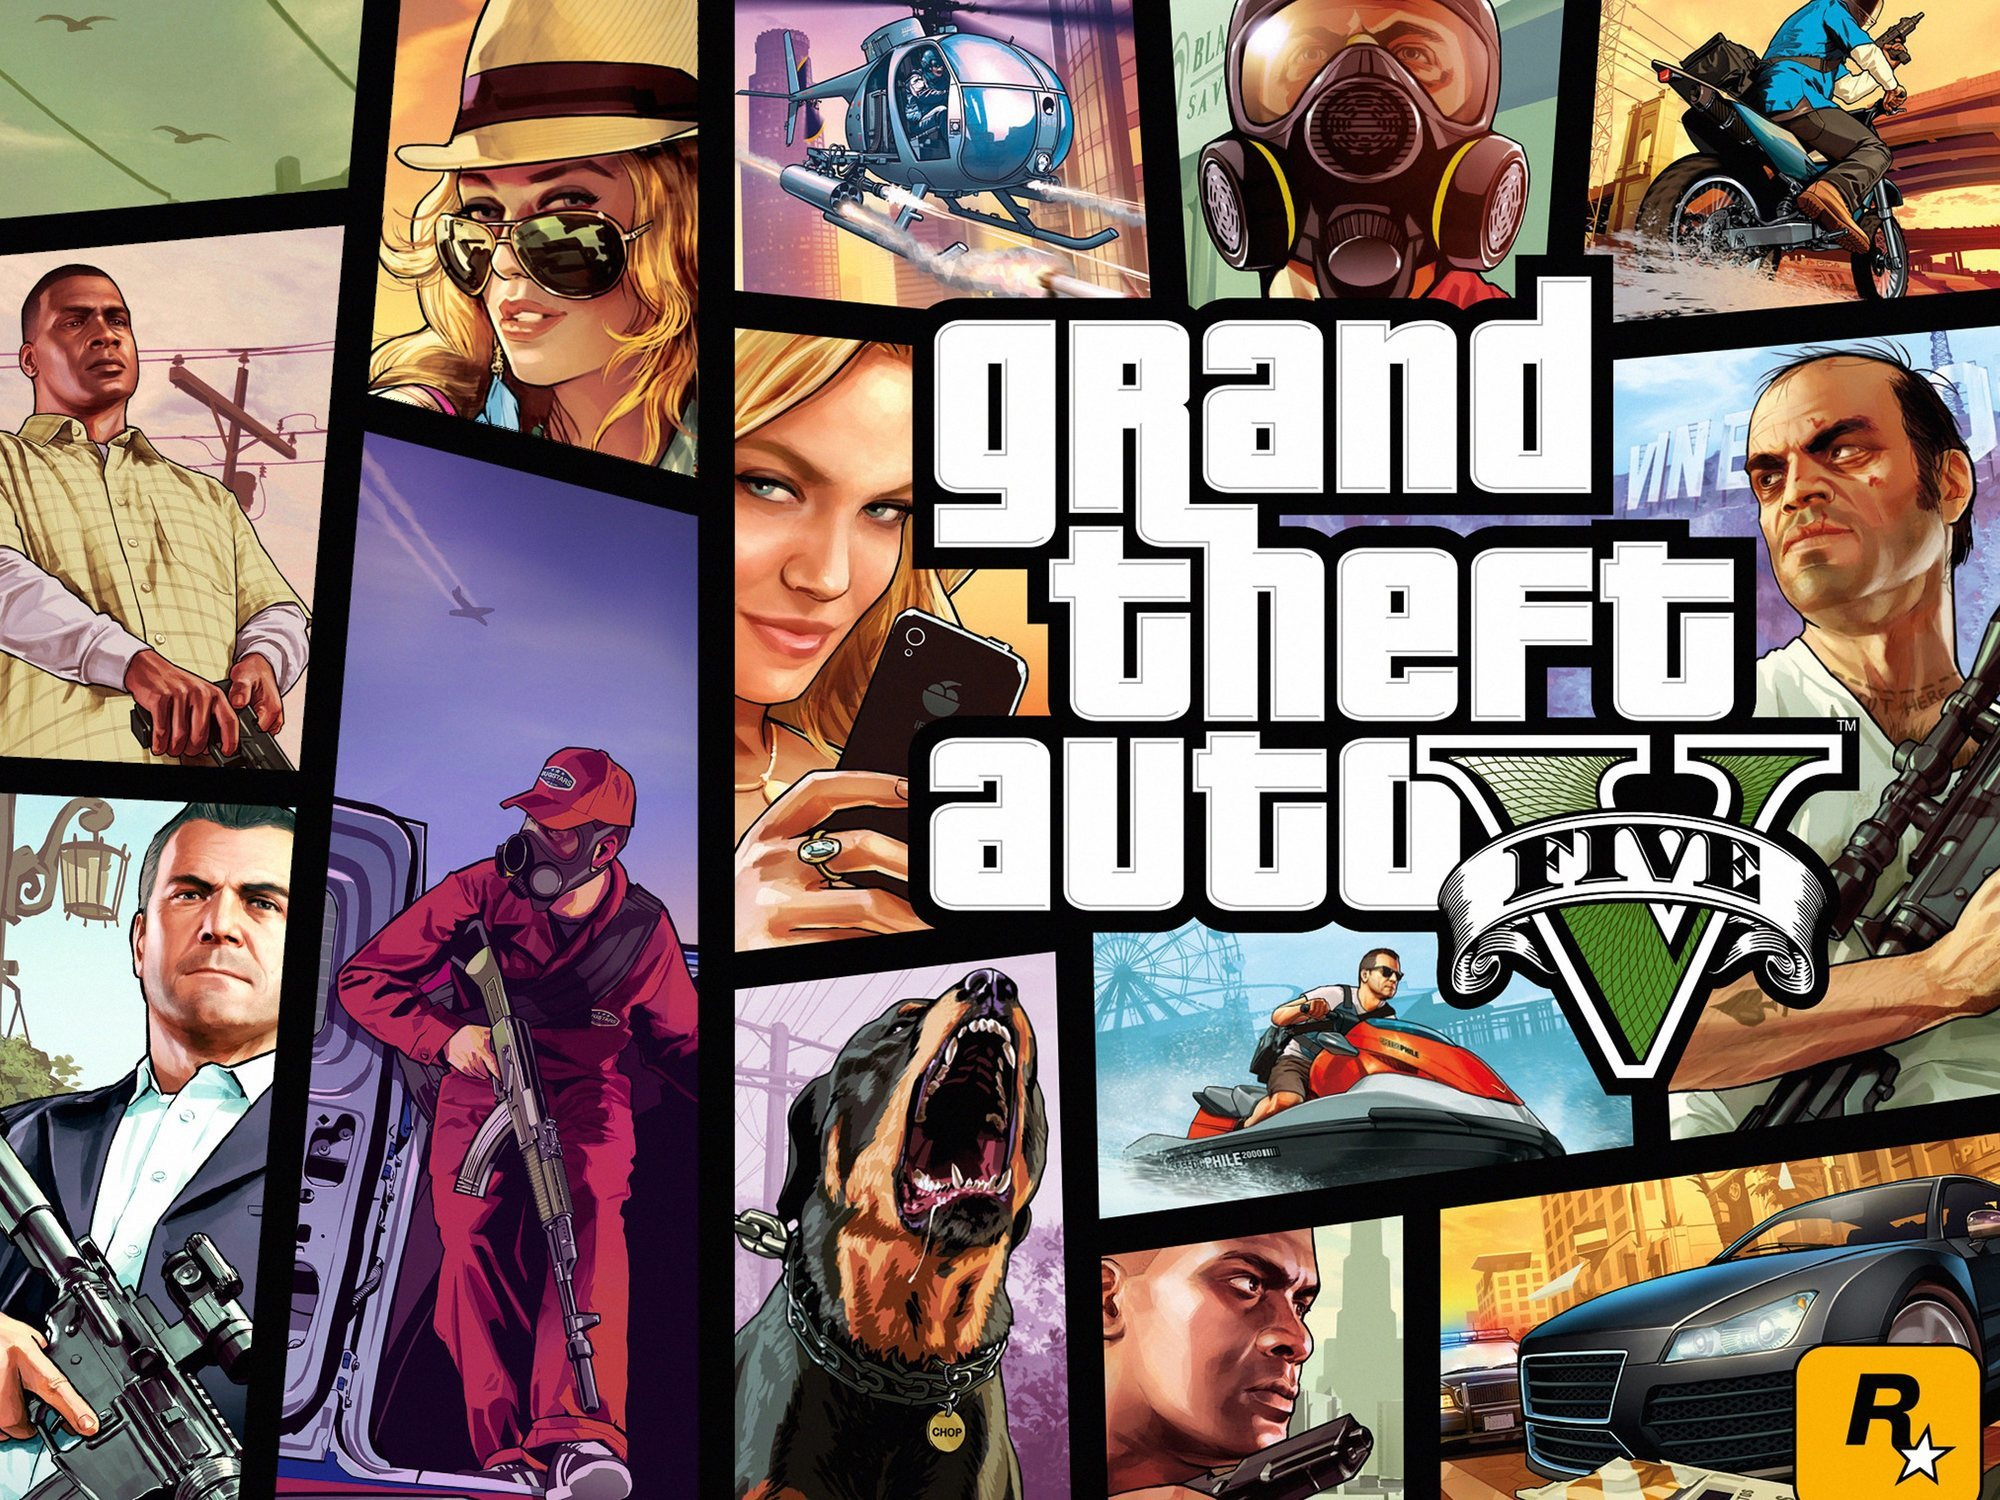 Un fan de 'Grand Theft Auto 5' conducirá sin parar y en directo hasta que se lance 'GTA 6'